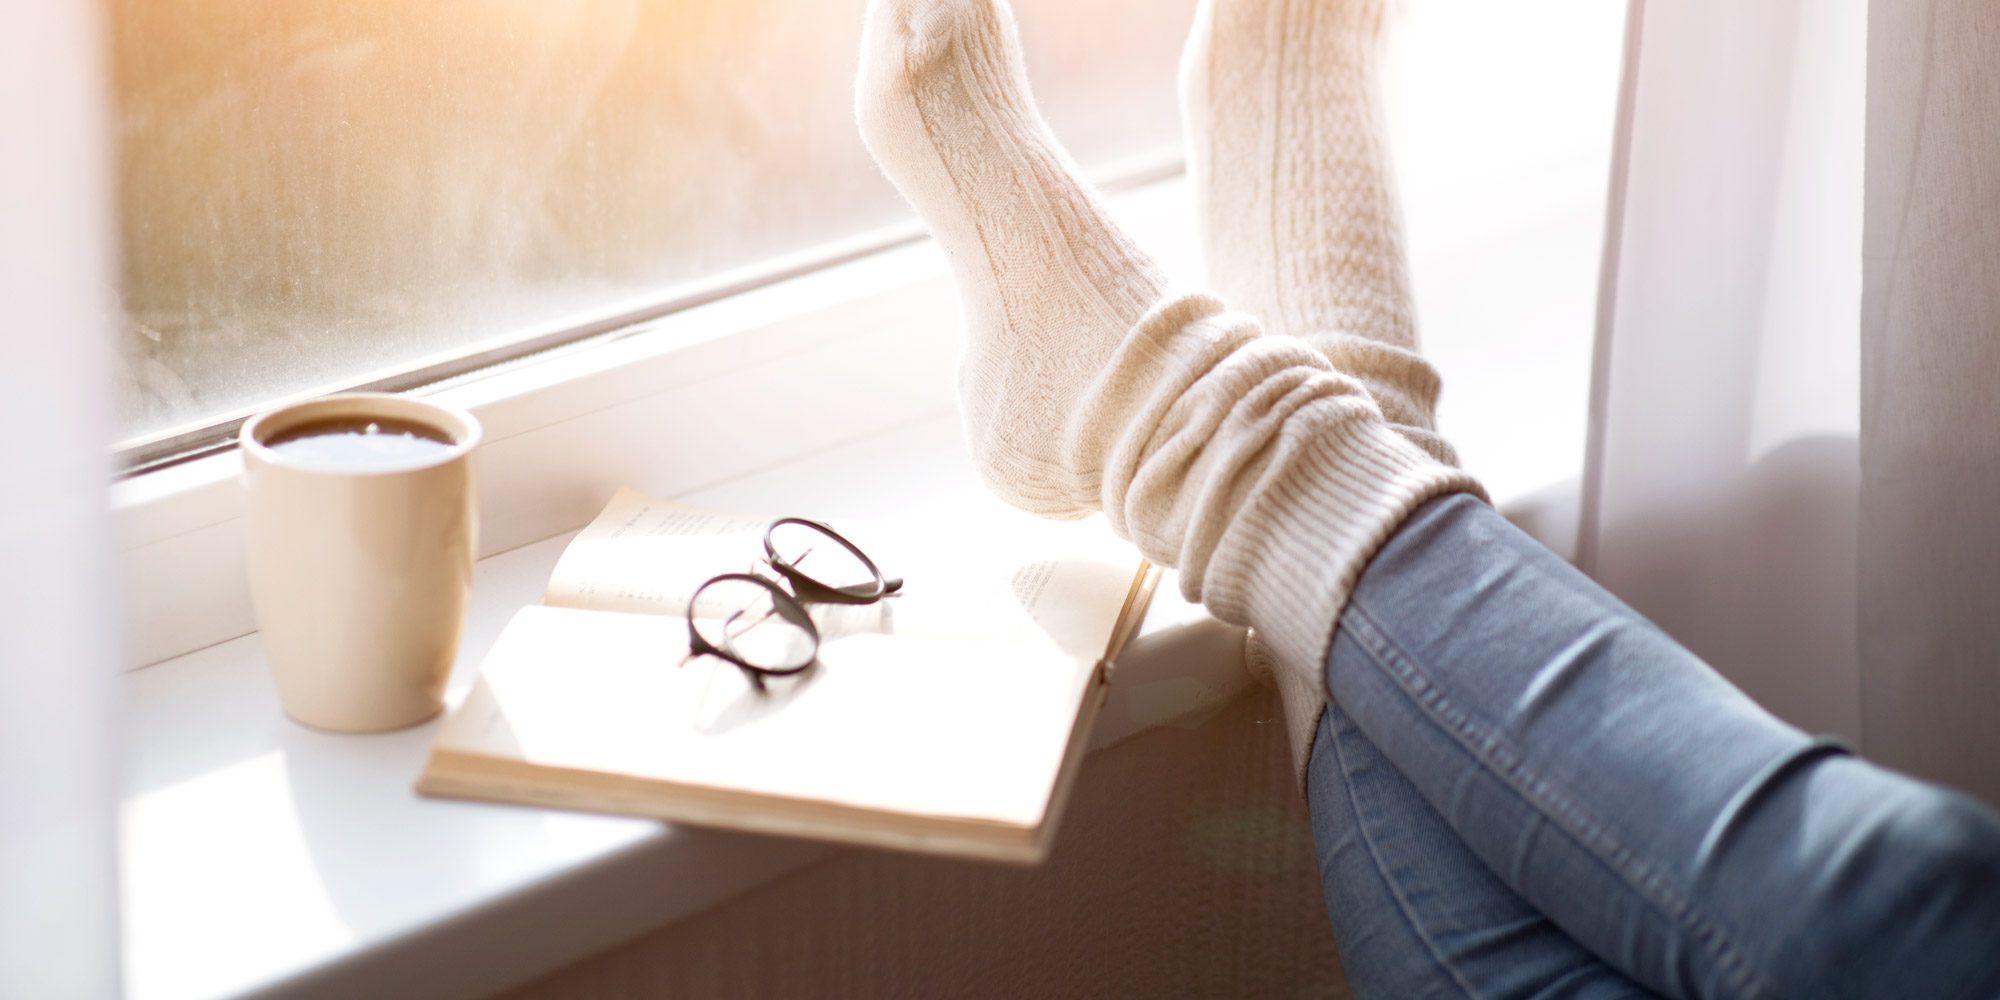 Beter leren schrijven - ga lezen